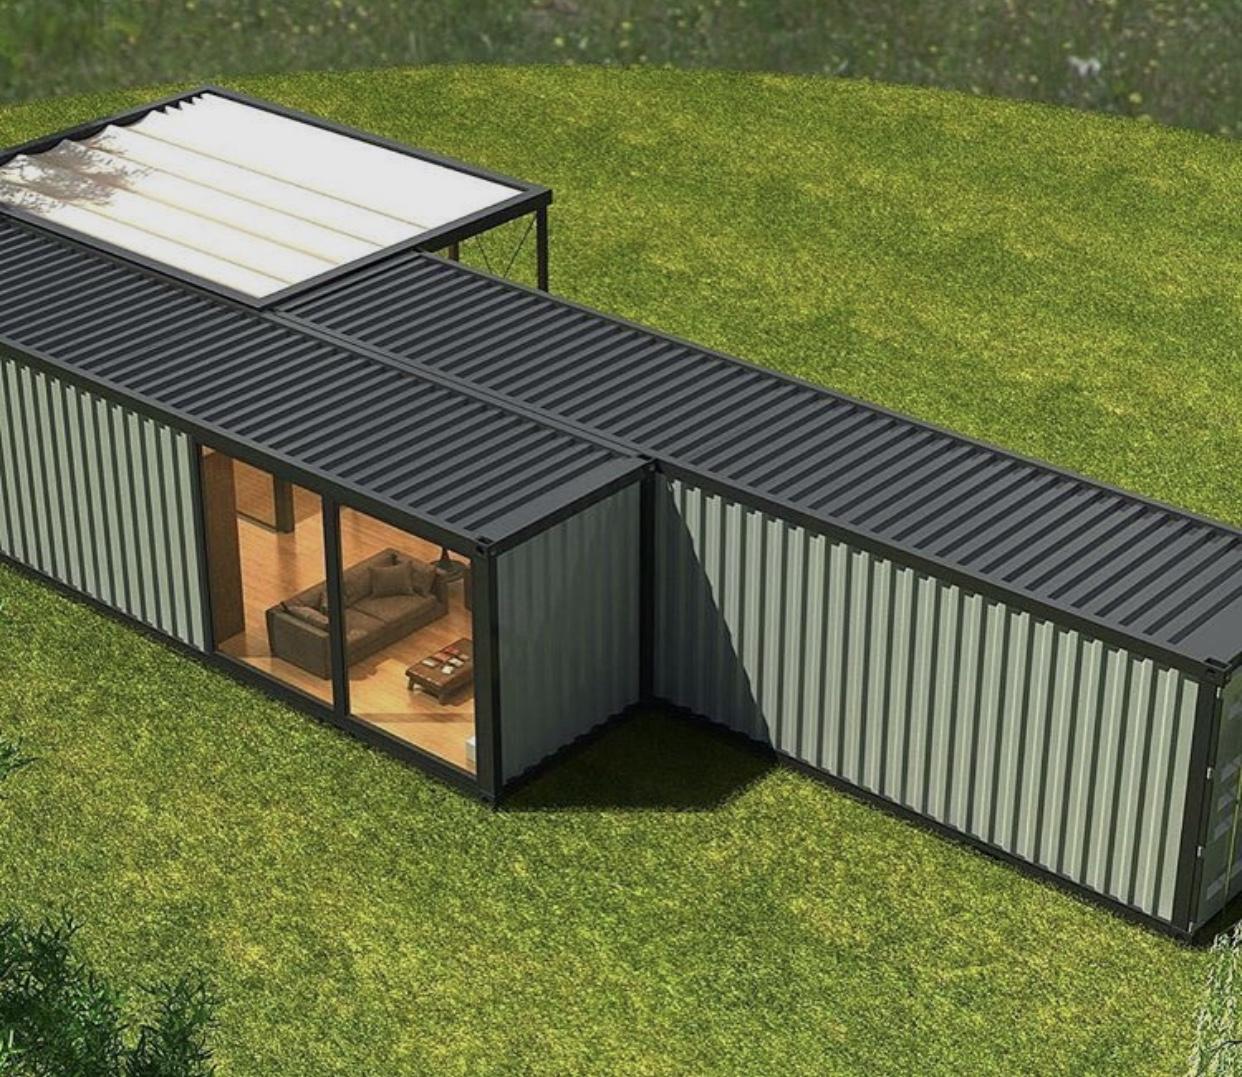 Casa Container 60m² - Deck 42m²